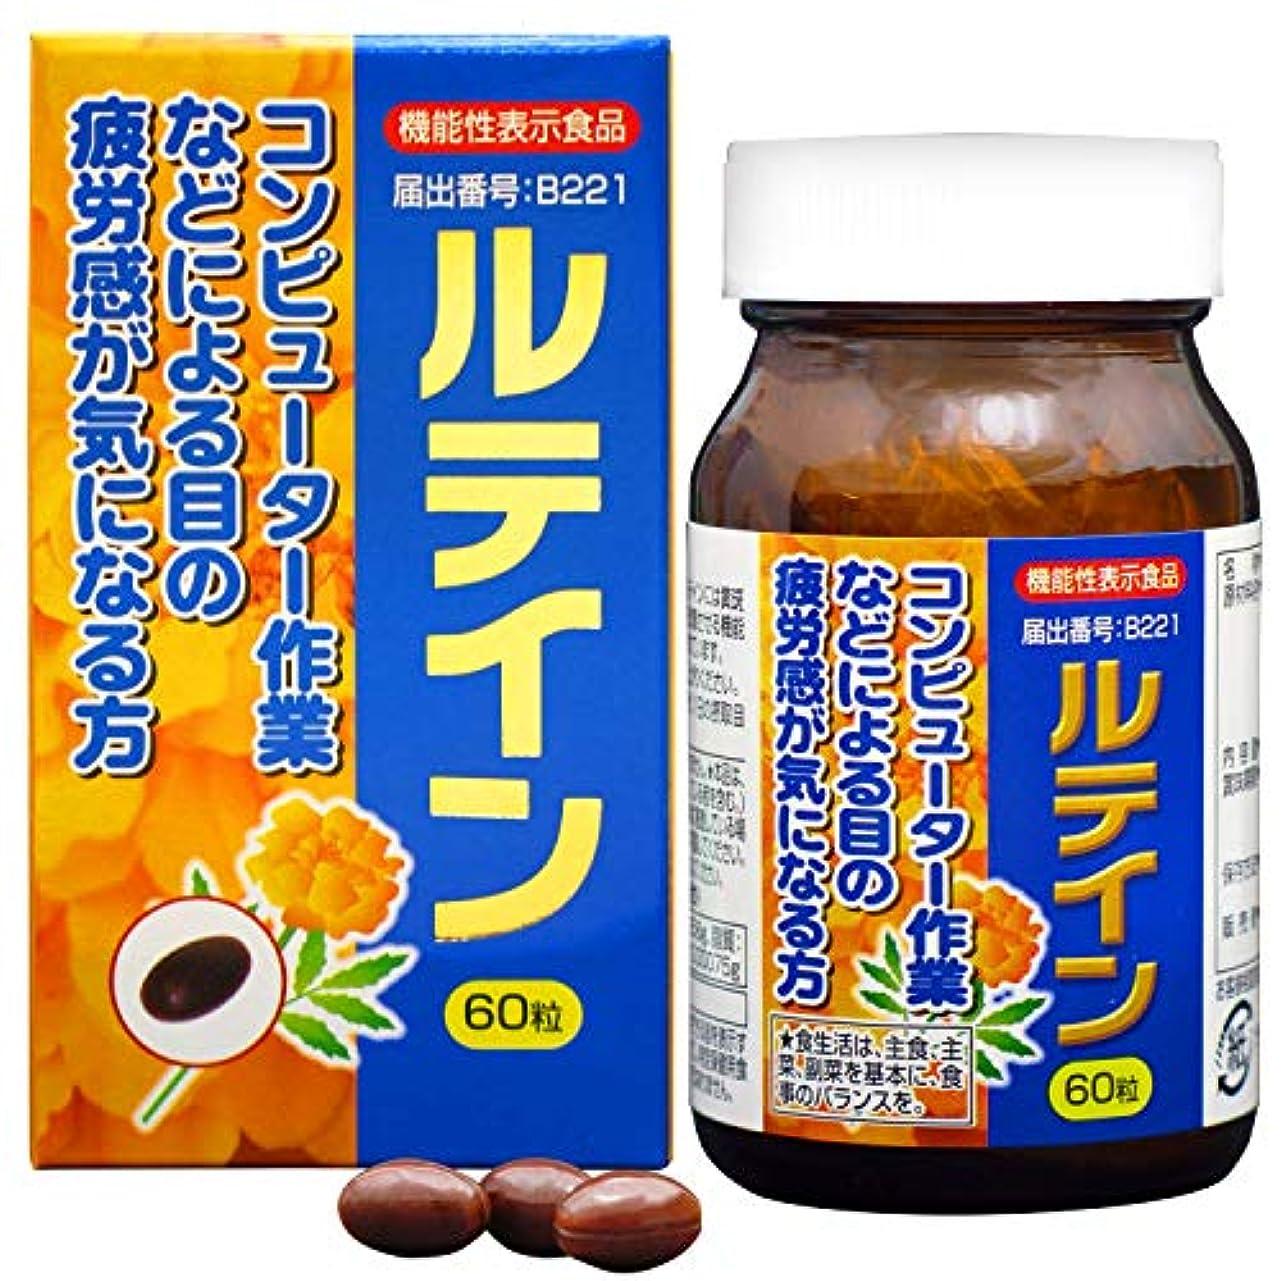 ボルトストライクマラドロイトユウキ製薬 ルテイン 30日分 60粒 [機能性表示食品]